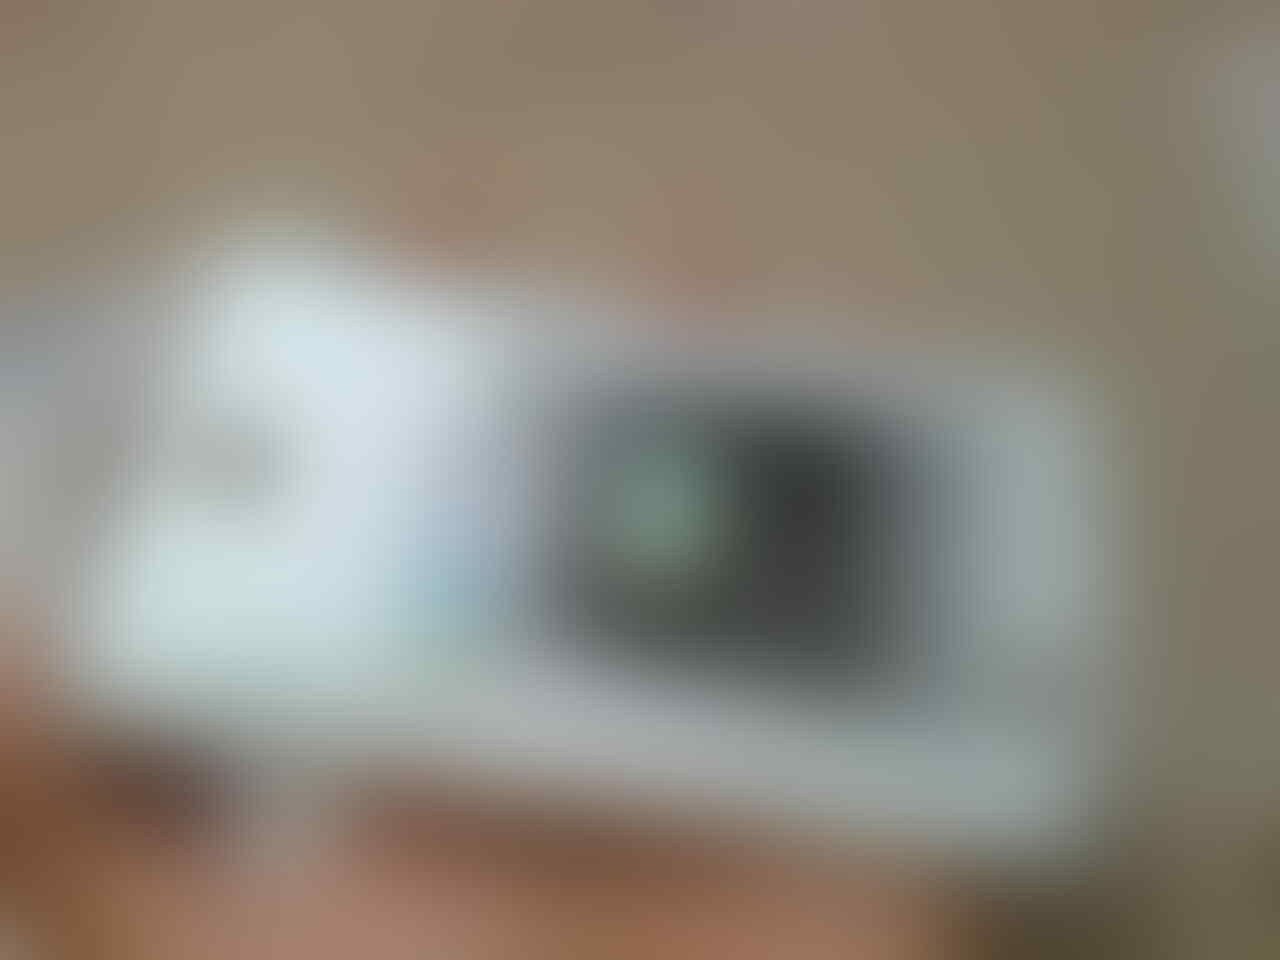 SAMSUNG GALAXY NOTE GT-N7000 2ND KONDISI BARANG 99% MASIH MULUS.